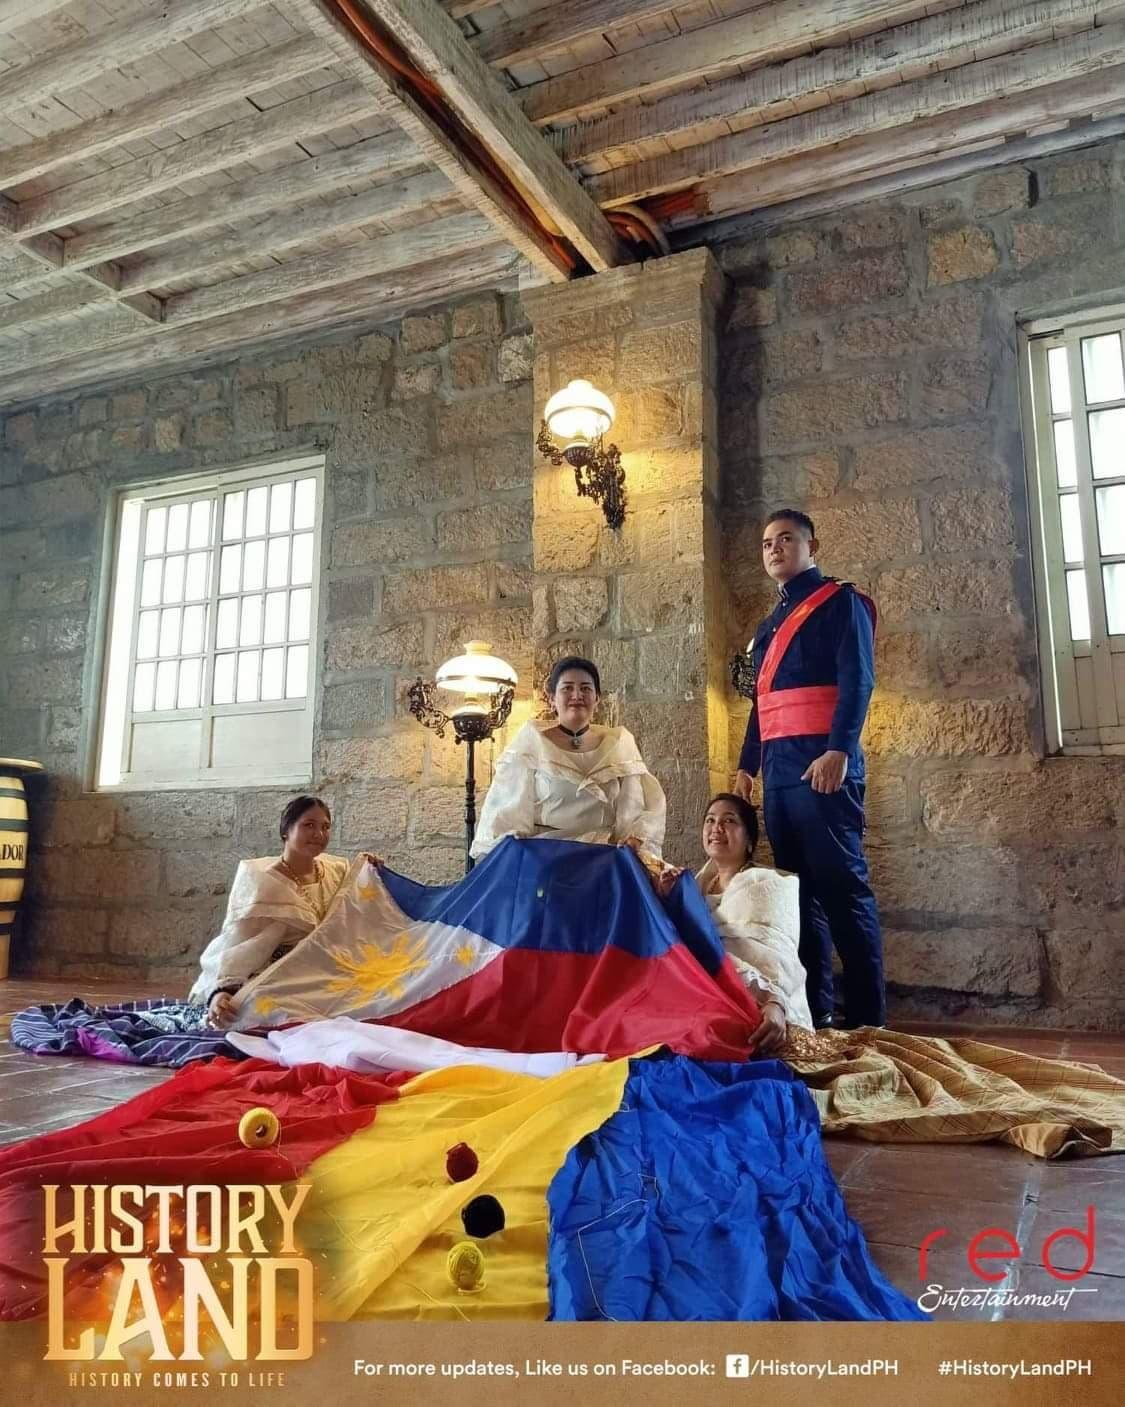 las casas filipinas de acuzar history land (13)